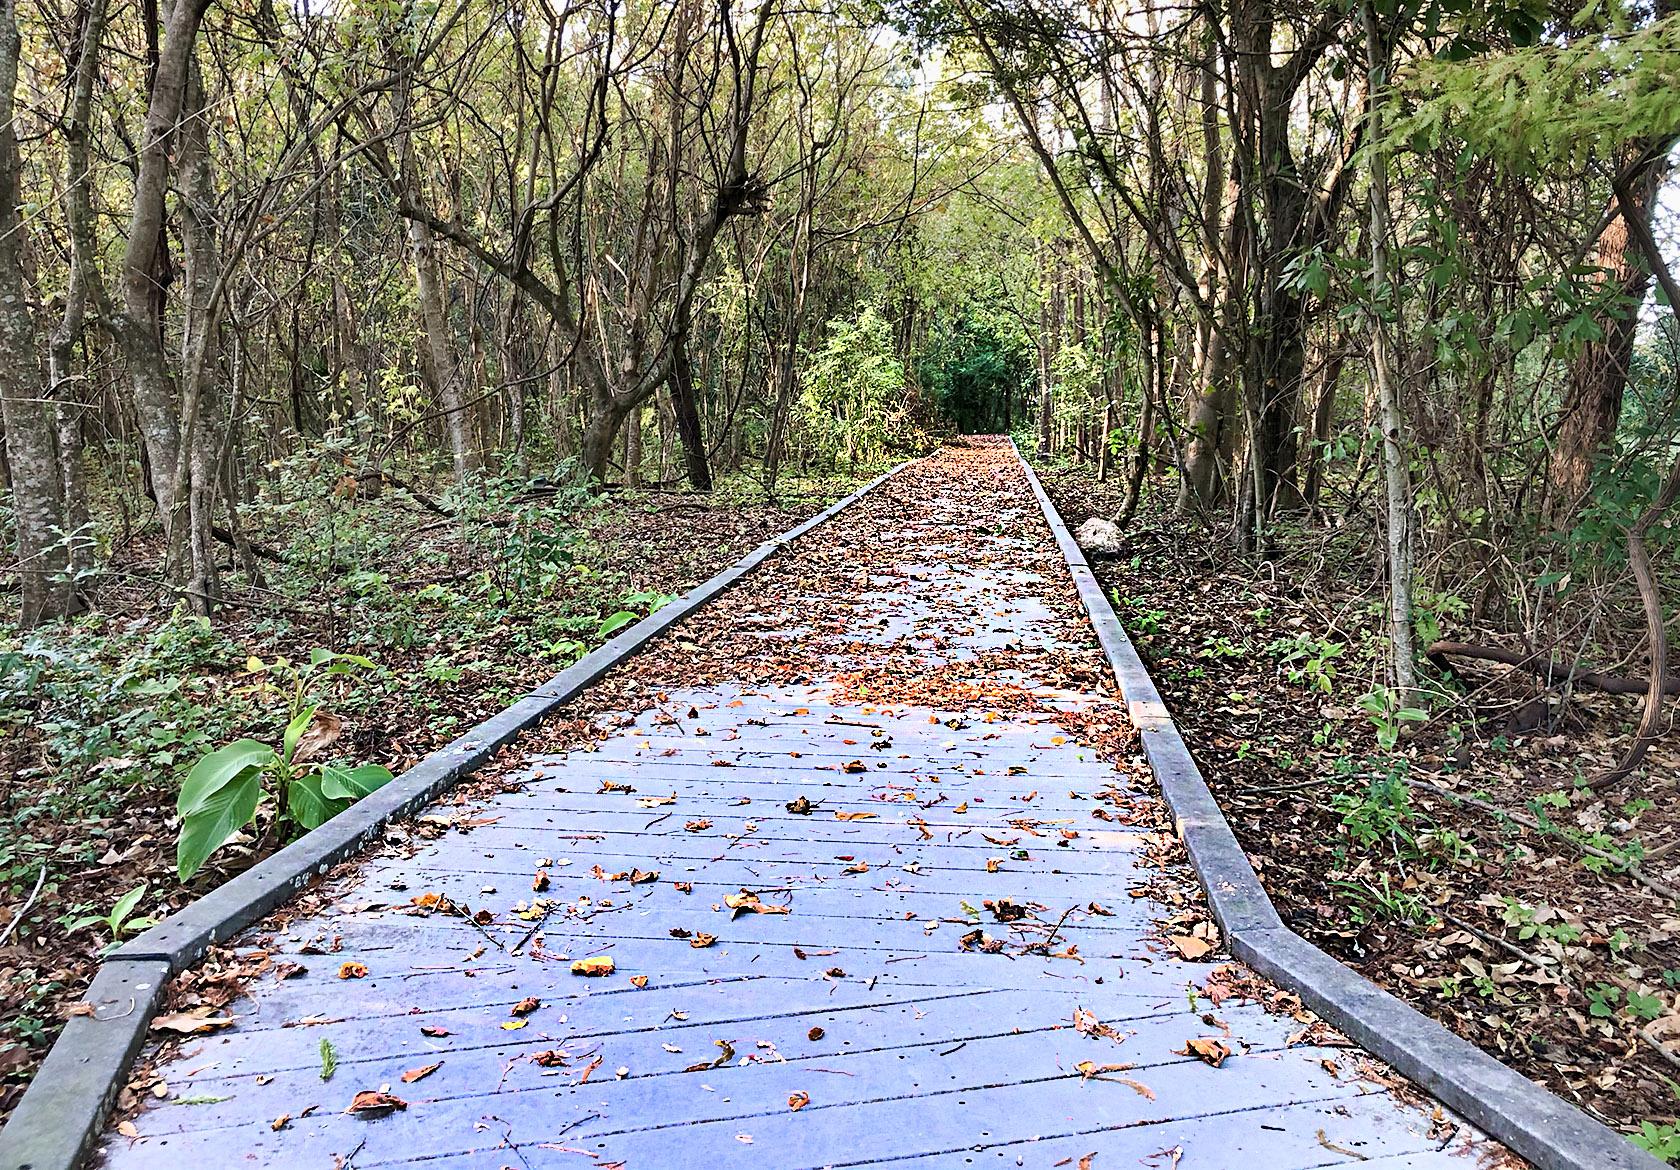 La Salle park trails in Metairie - nola places photo